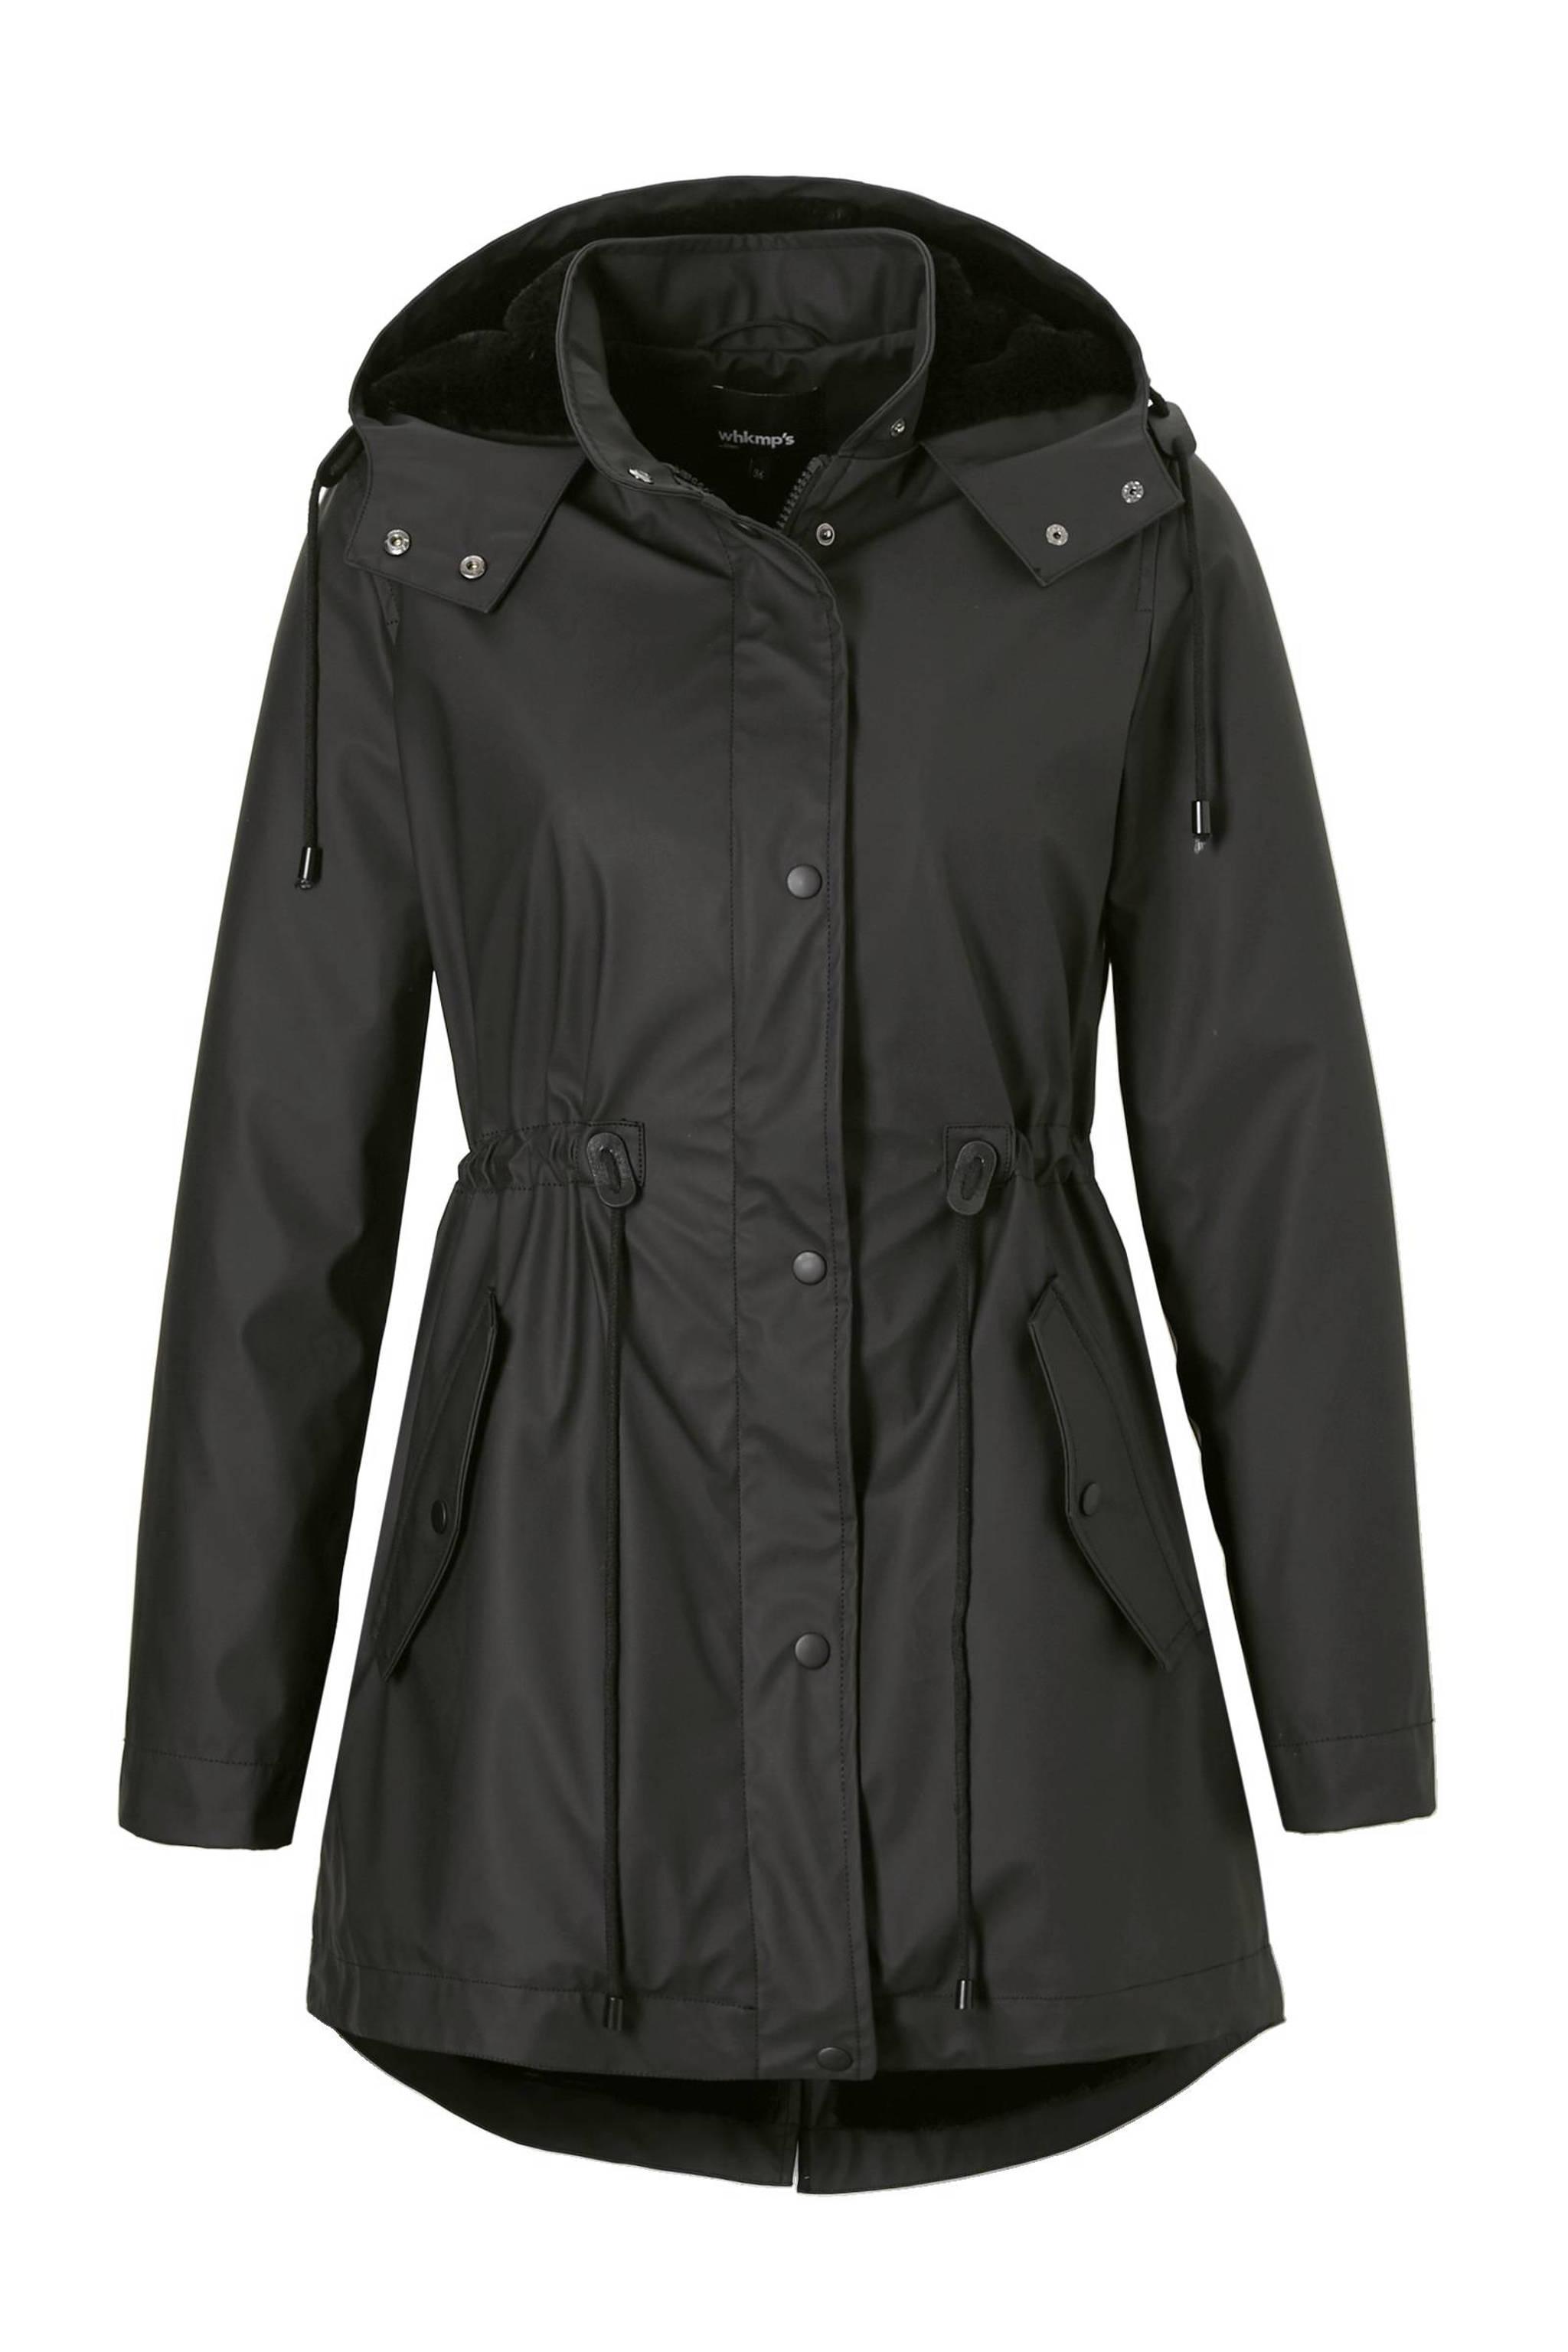 Beste whkmp's own warm gevoerde regenjas | wehkamp HR-95